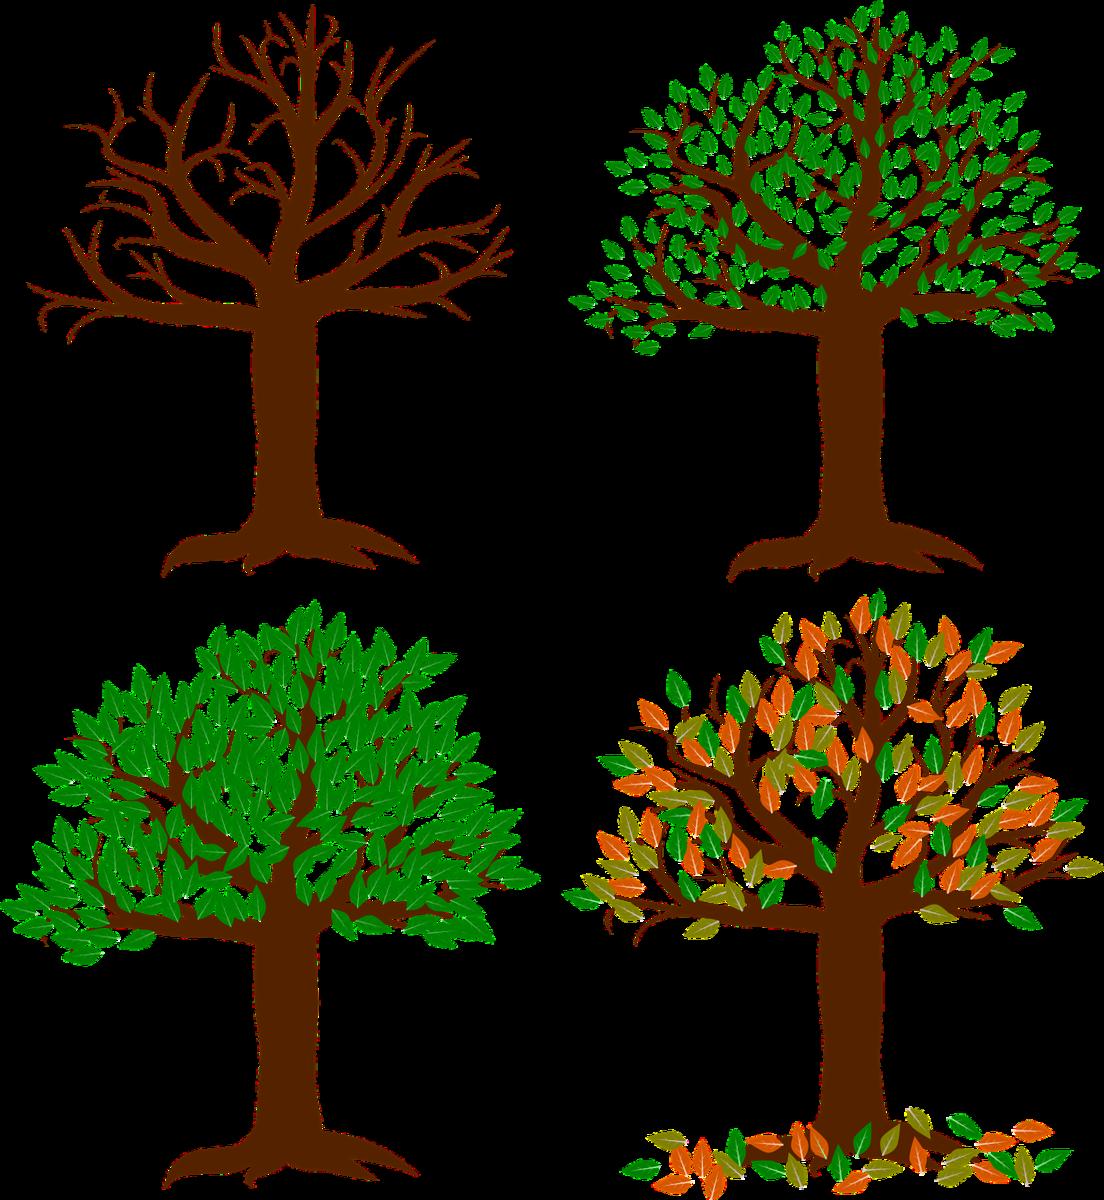 四季によって変化する広葉樹の絵